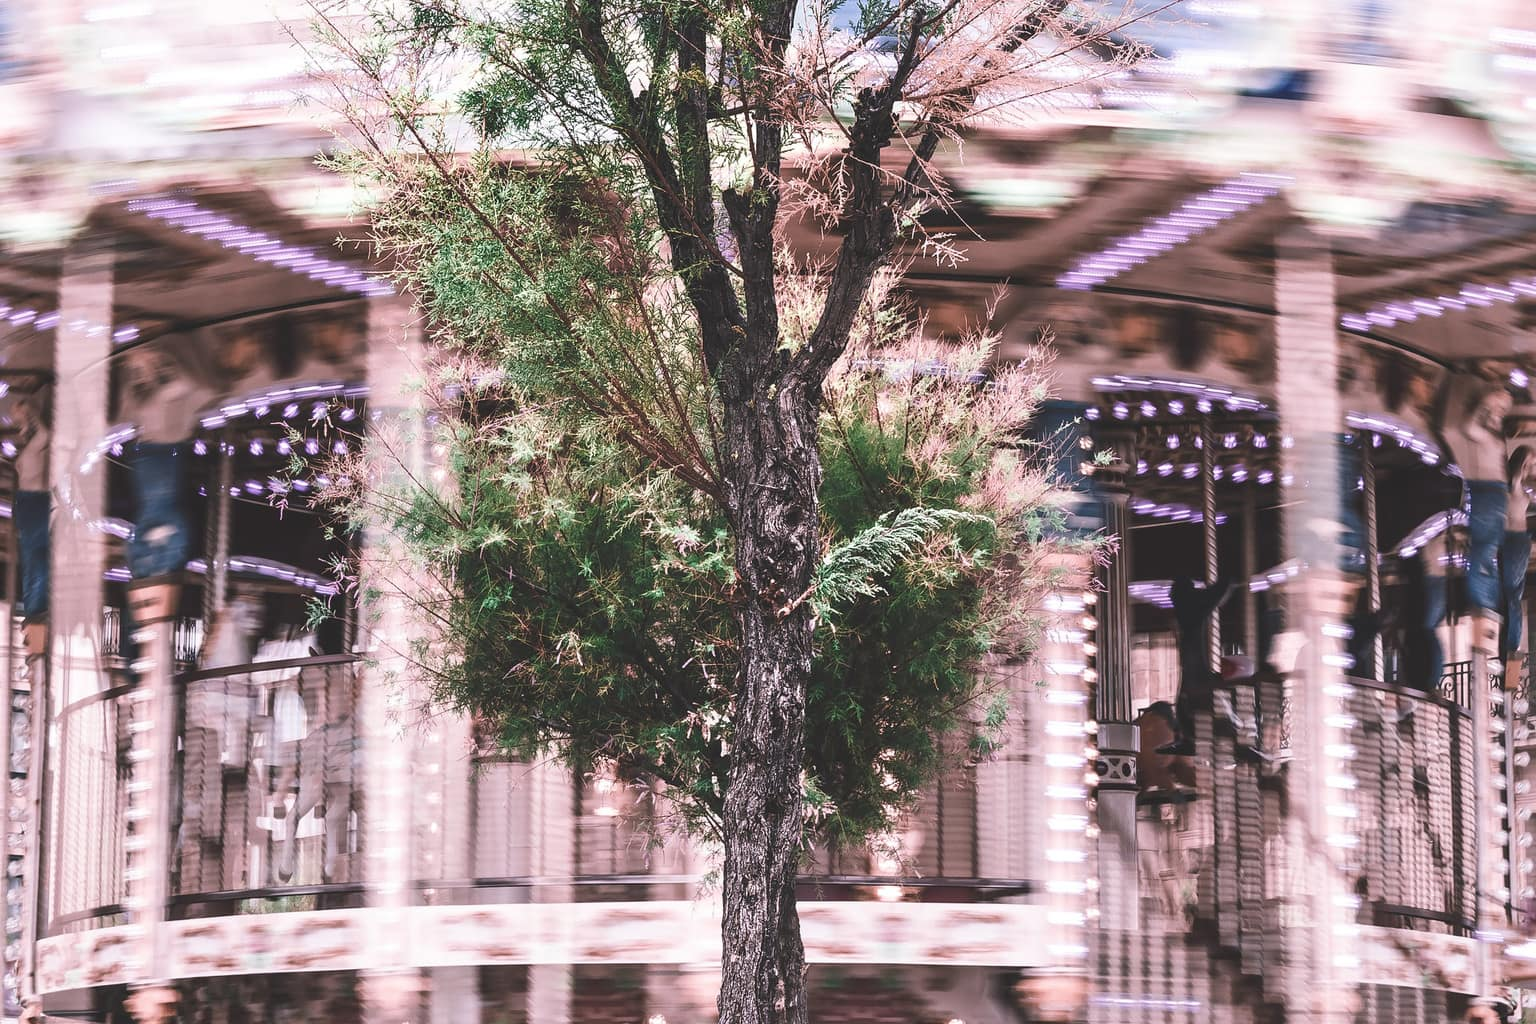 fotografía de un árbol